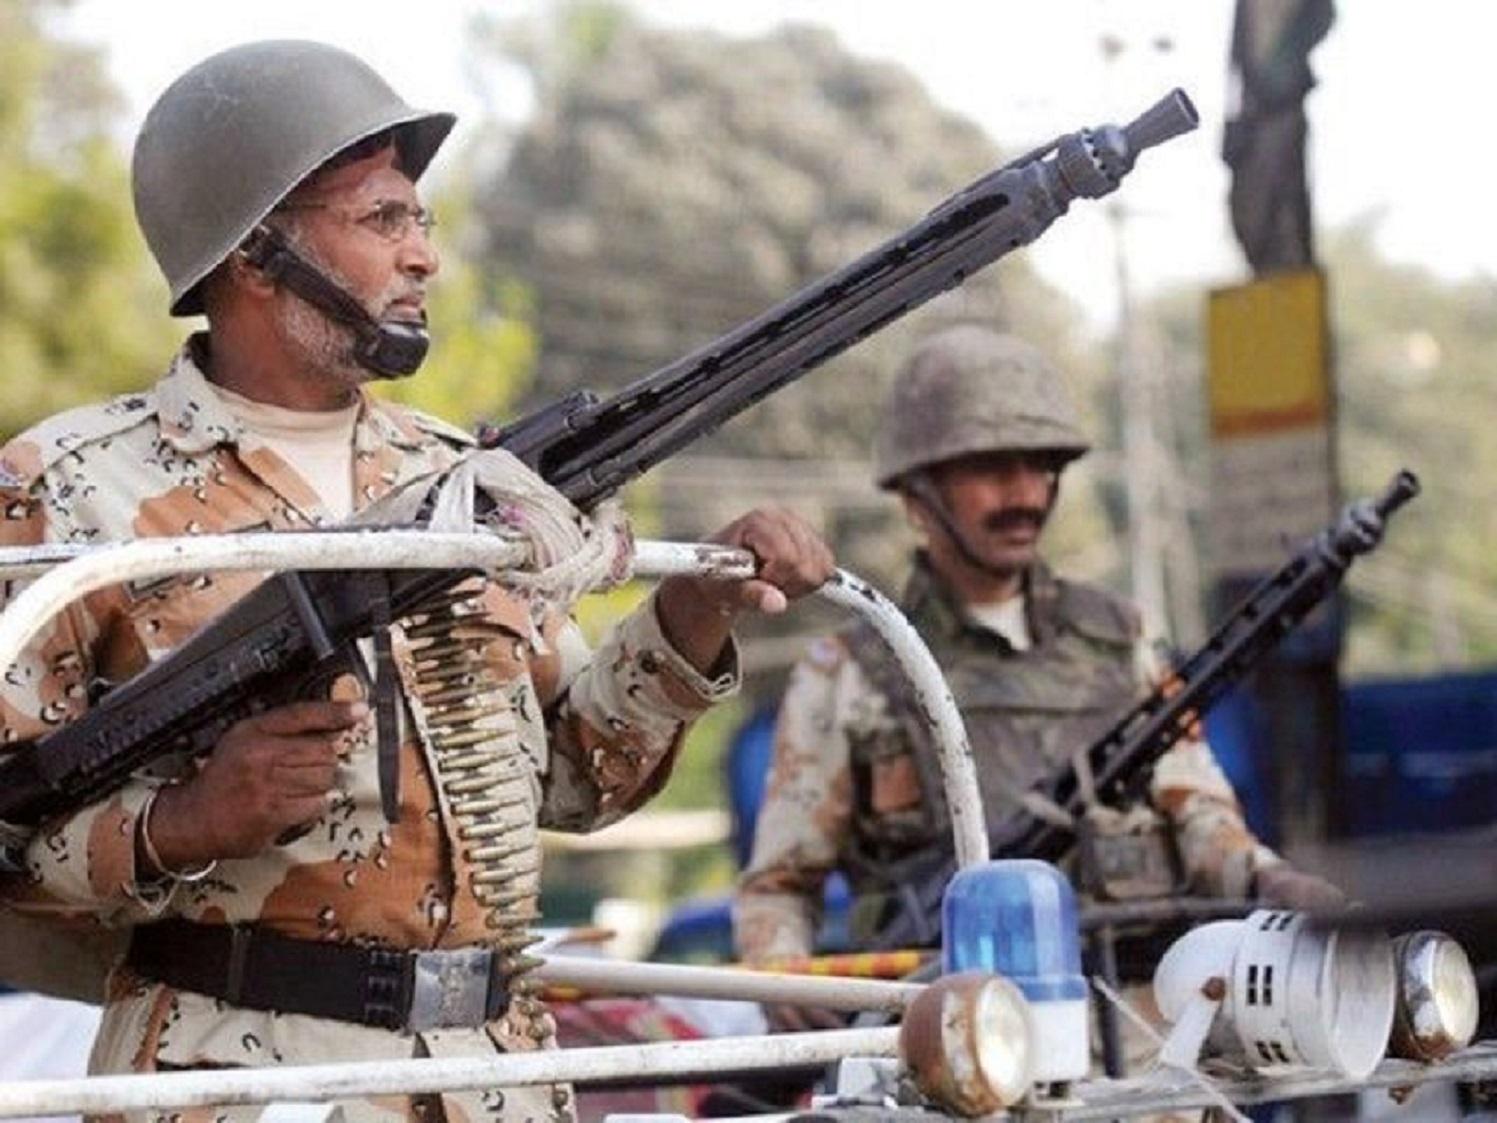 کراچی میں فرقہ ورانہ فسادات کے خلاف کریک ڈاؤن